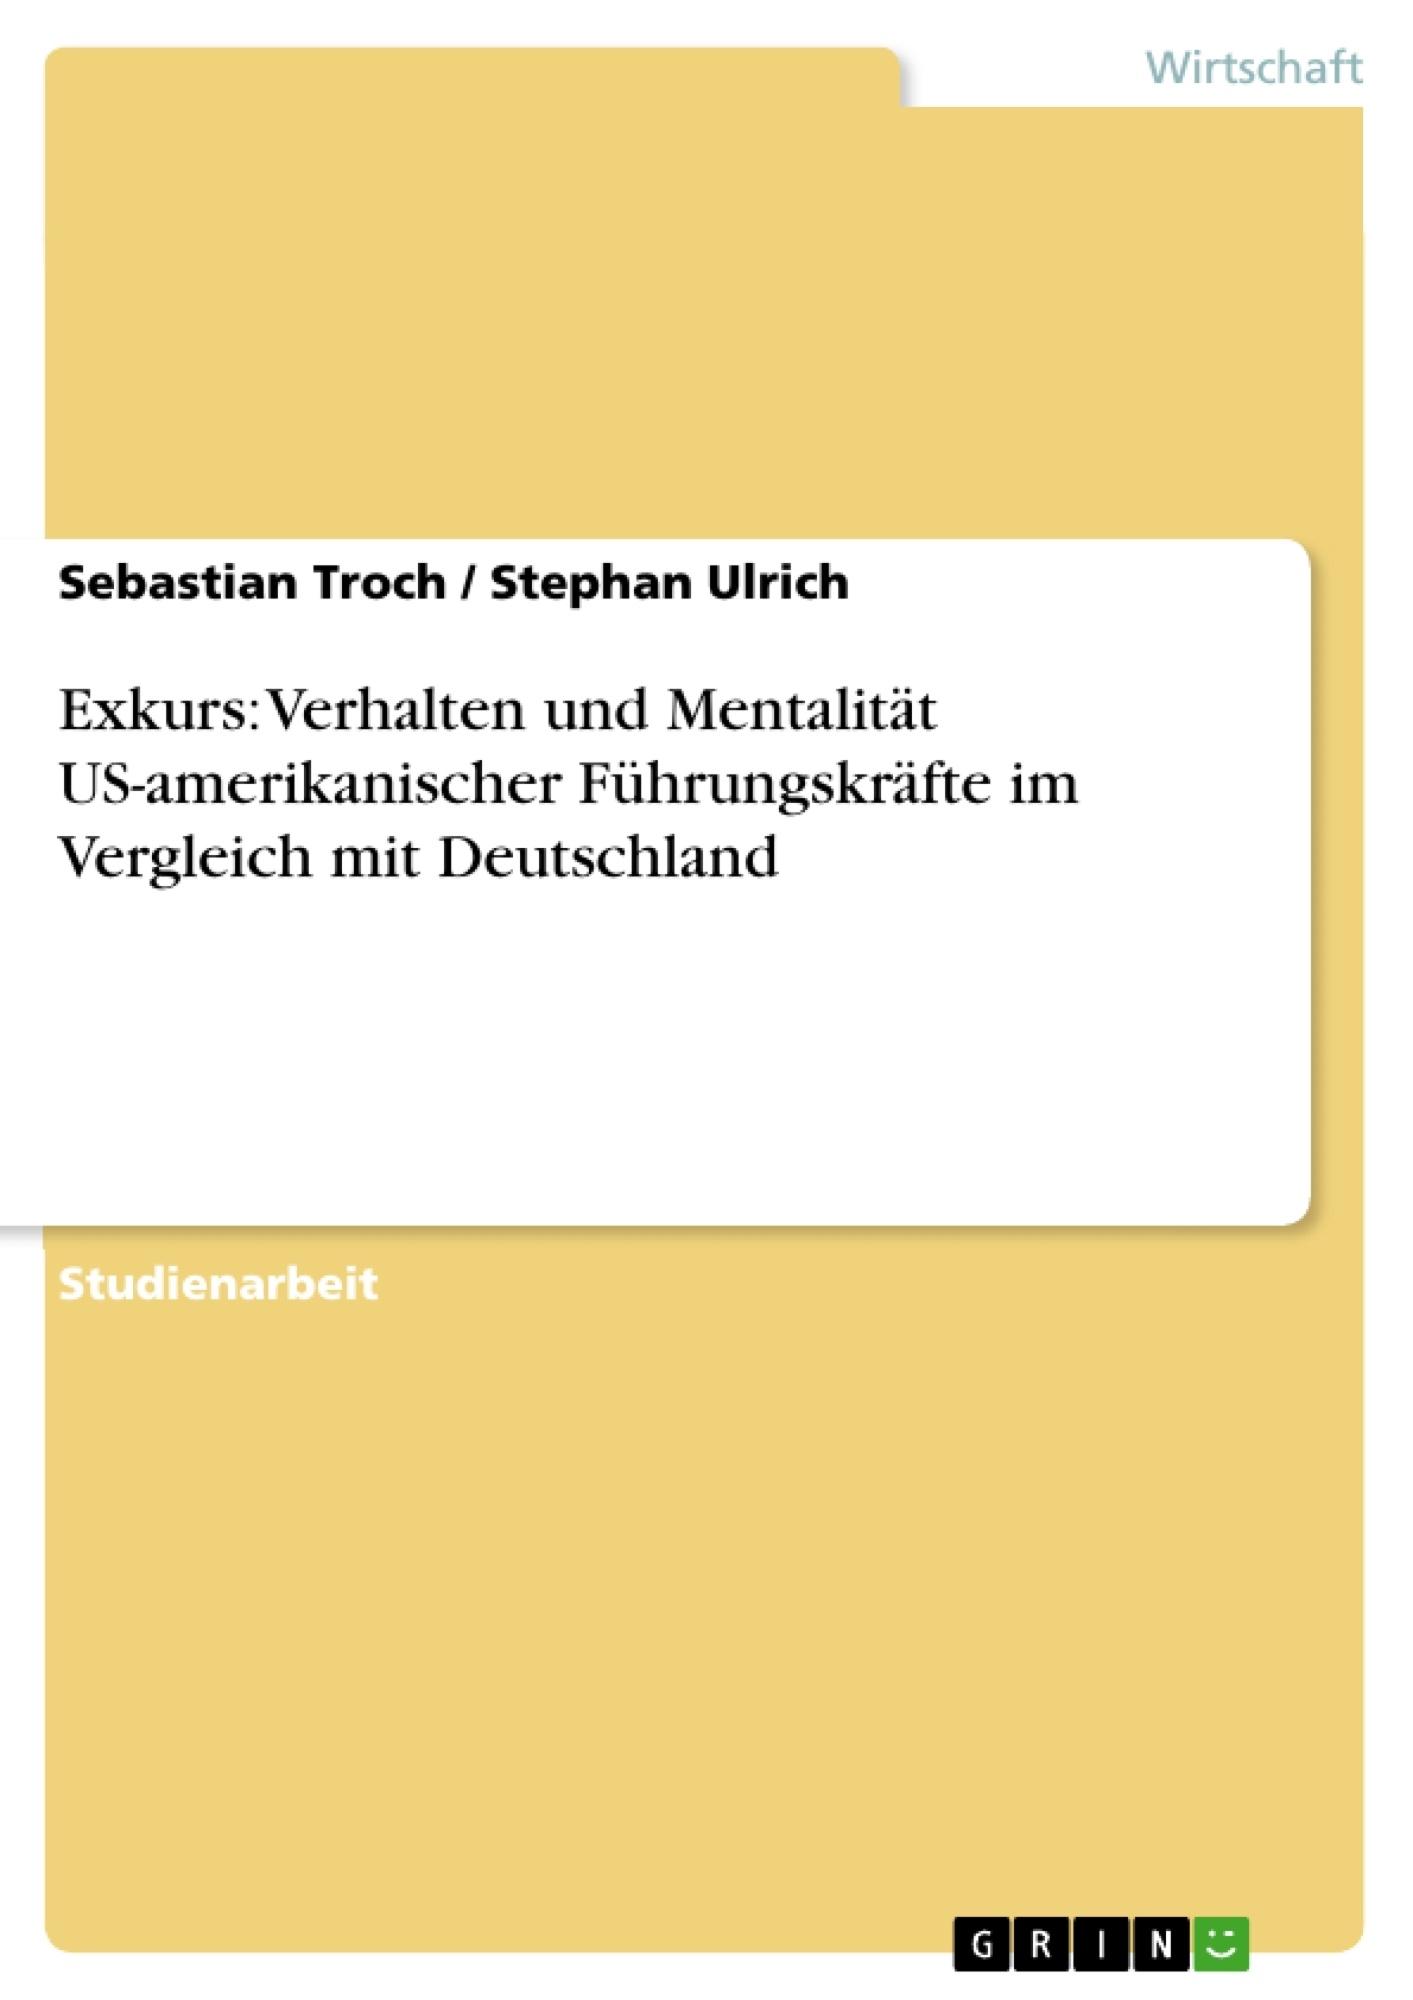 Titel: Exkurs: Verhalten und Mentalität US-amerikanischer Führungskräfte im Vergleich mit Deutschland